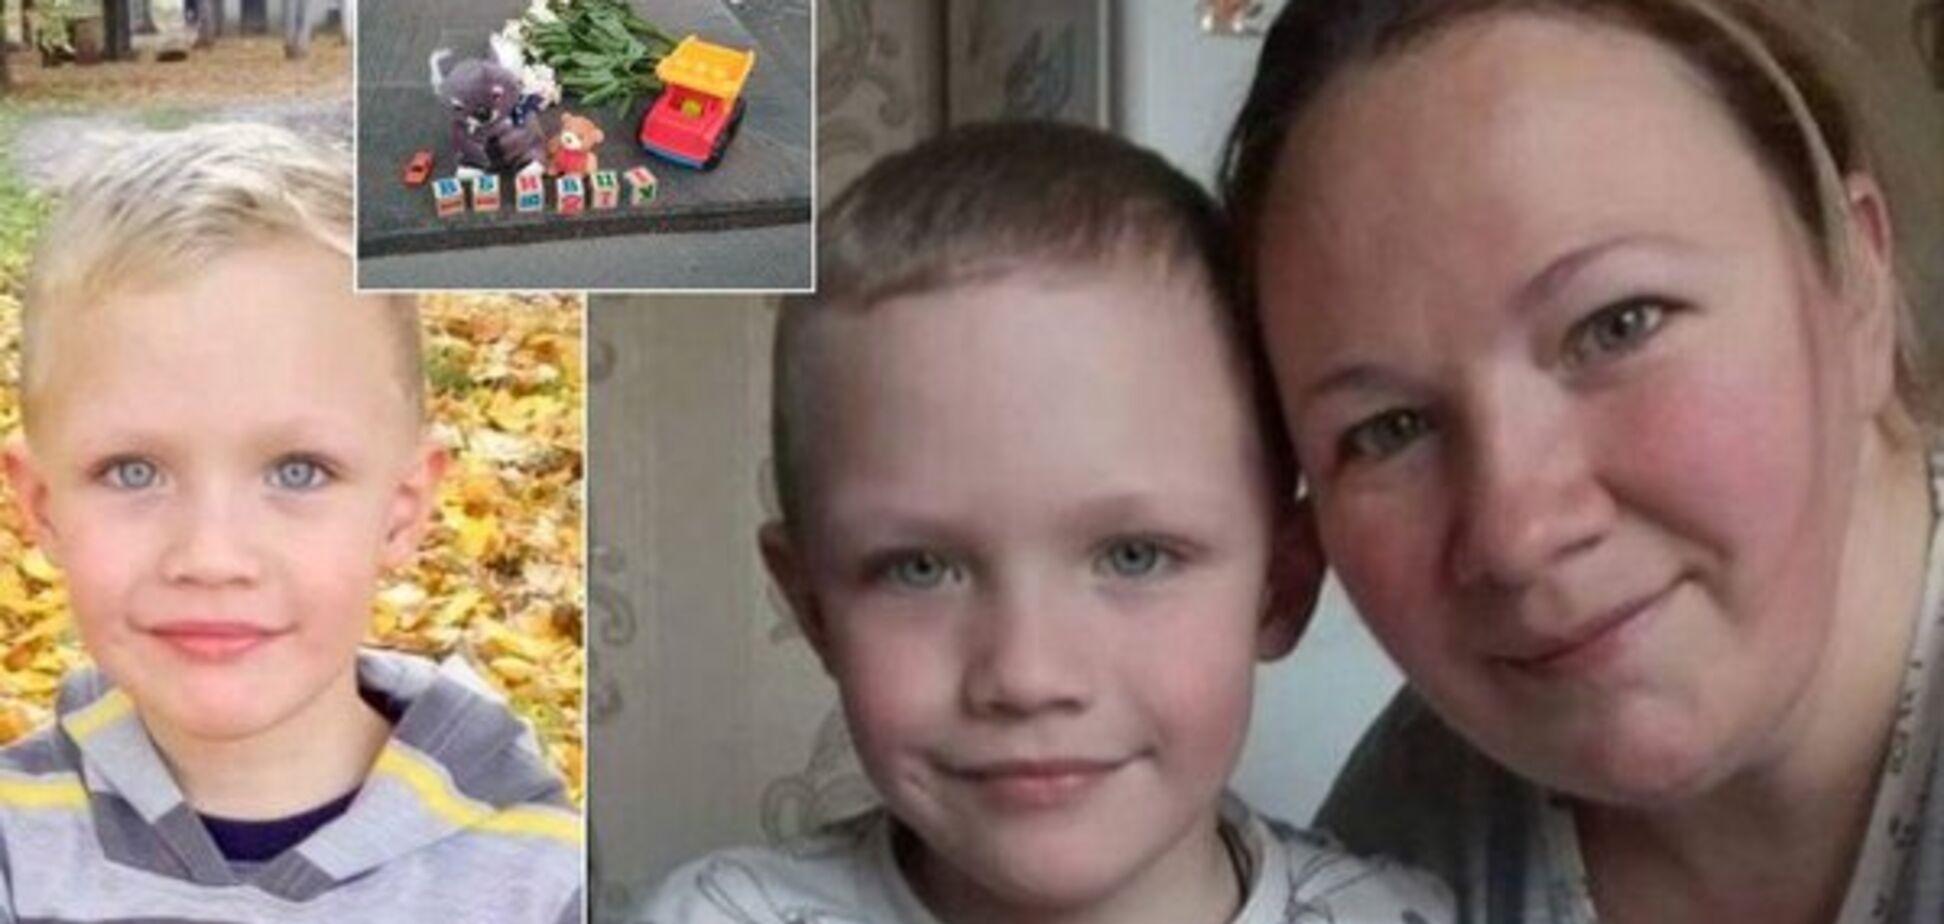 Украинцы призвали дать пожизненное полицейским за убийство 5-летнего ребенка